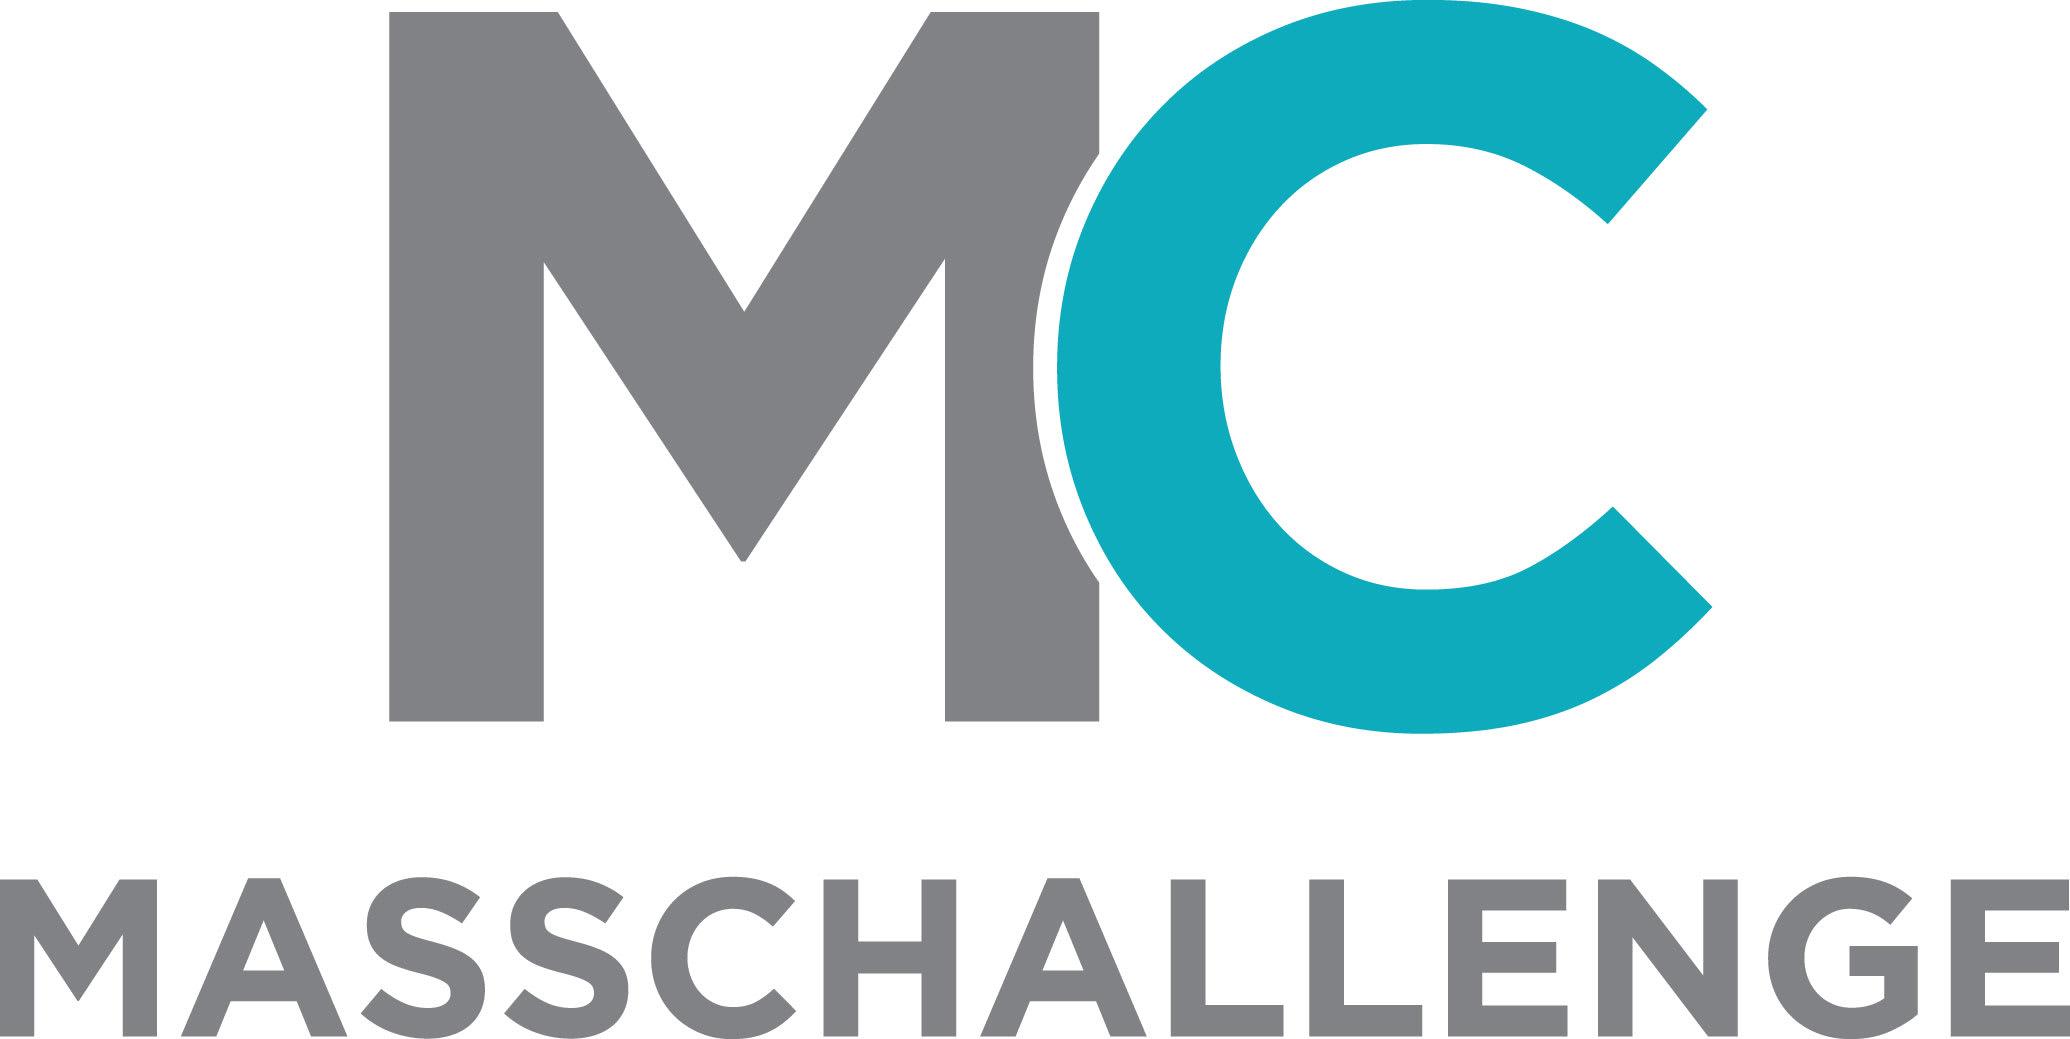 logo%20MassChallenge